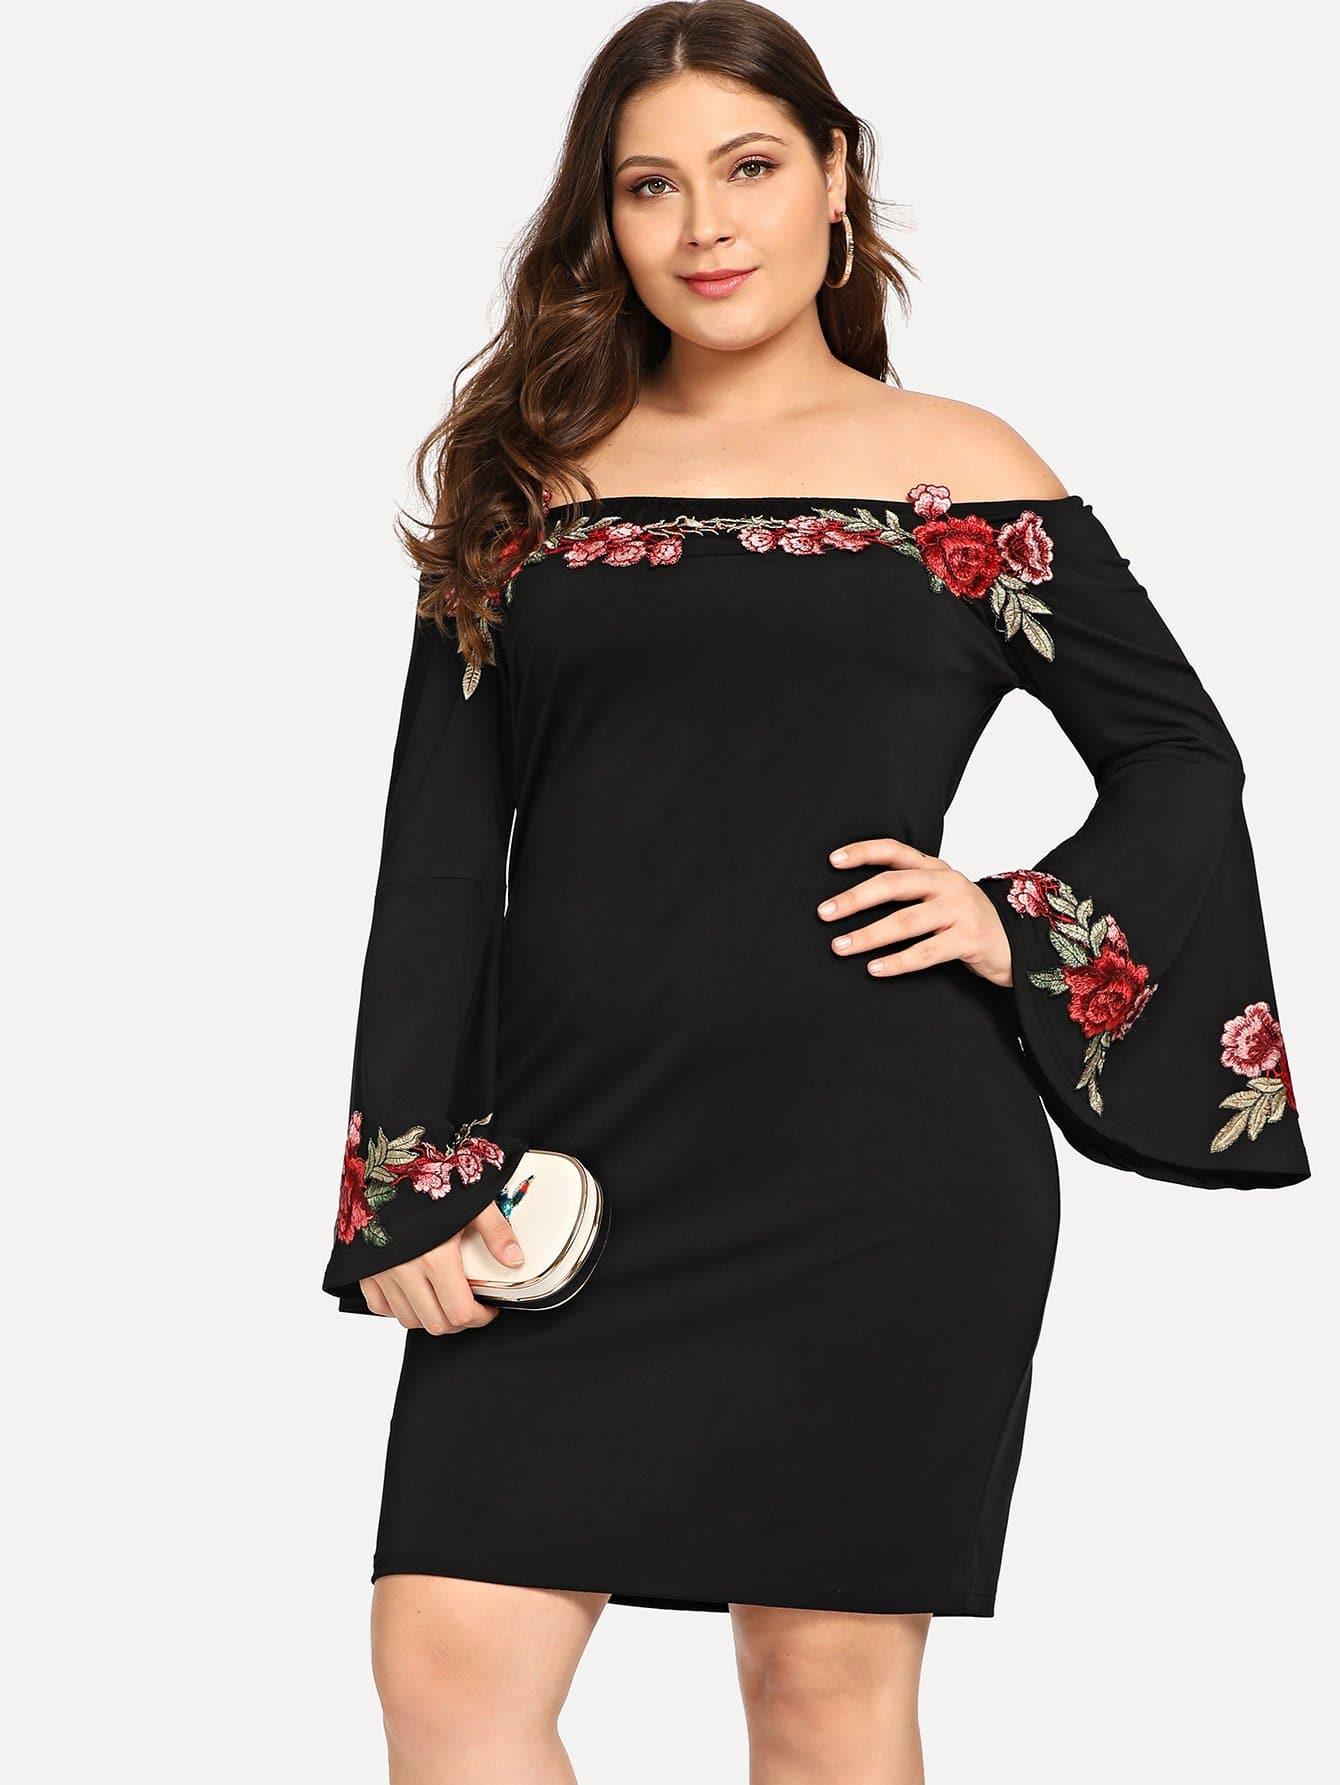 Купить Большое платье без бретелек и с рисуком розы, Carol, SheIn